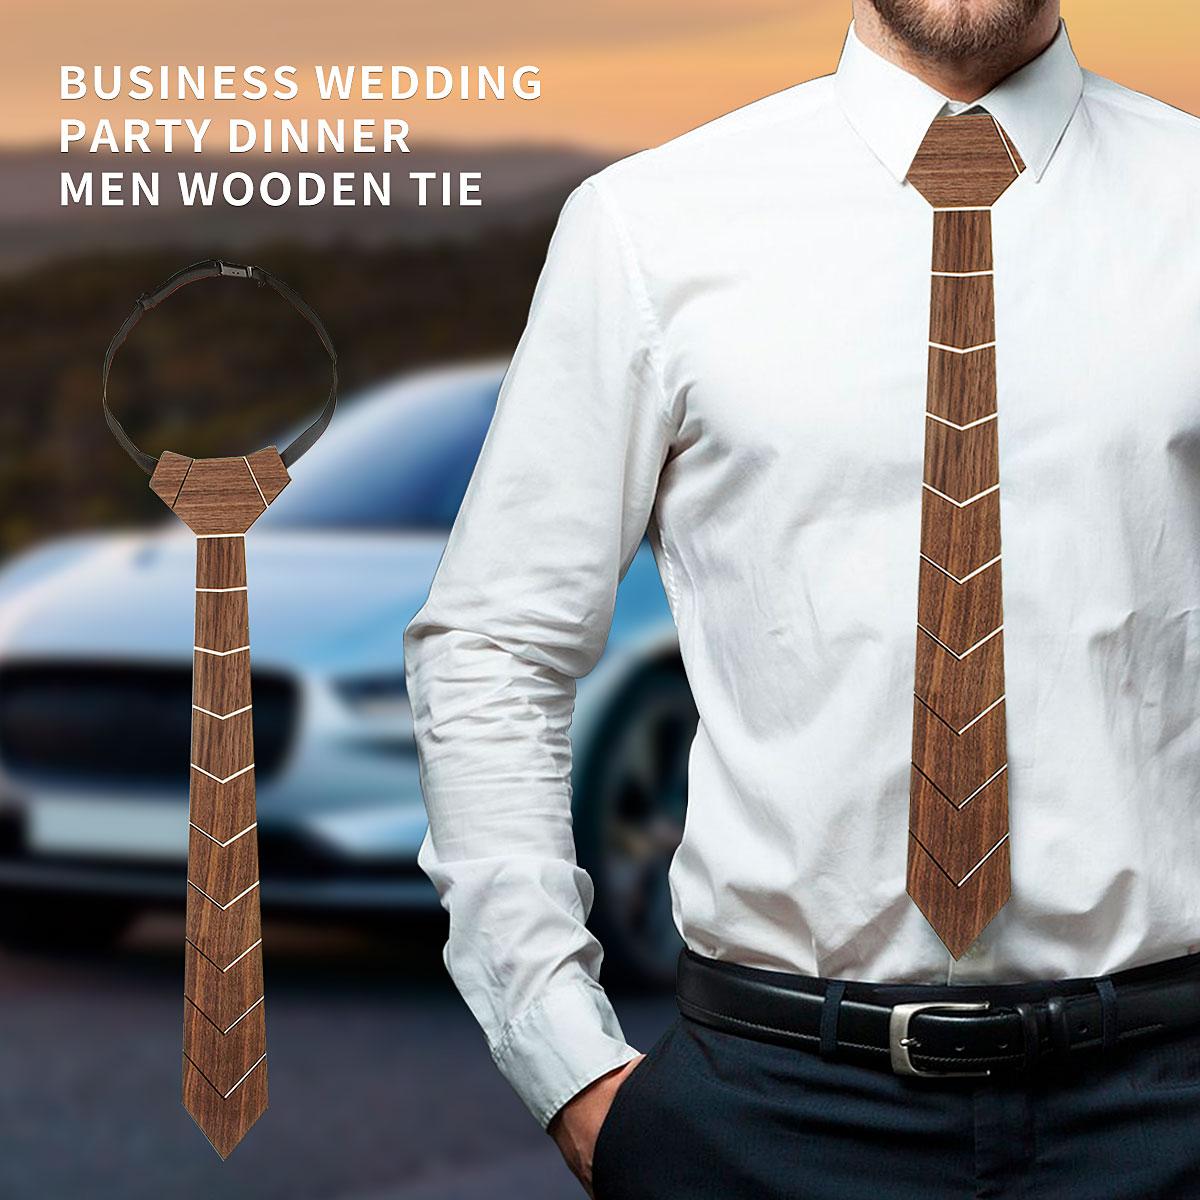 Dobrável Moda laço de madeira 100% feito à mão Clássico Paisley Laços para Homens Desgaste Formal laço de madeira presente de Casamento Homens Terno decoração